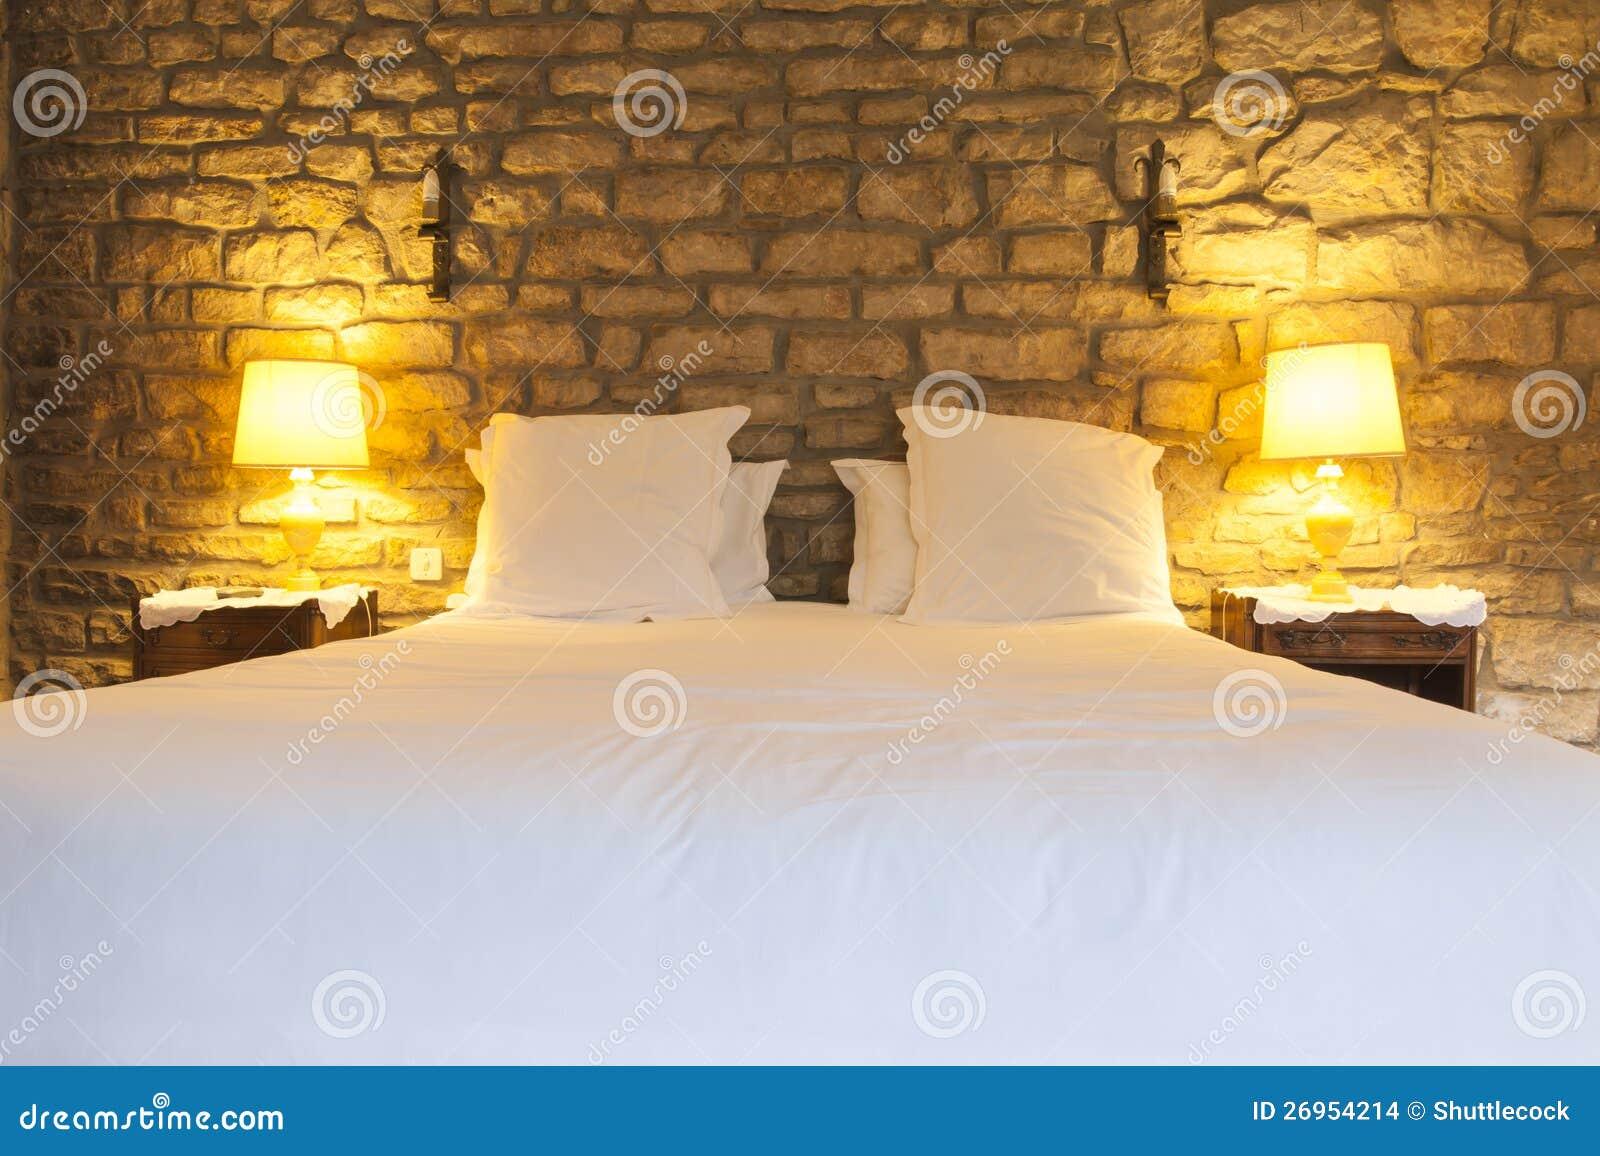 Camere Da Letto Rustiche Matrimoniali : Camera da letto rustica idea del concetto di interior design